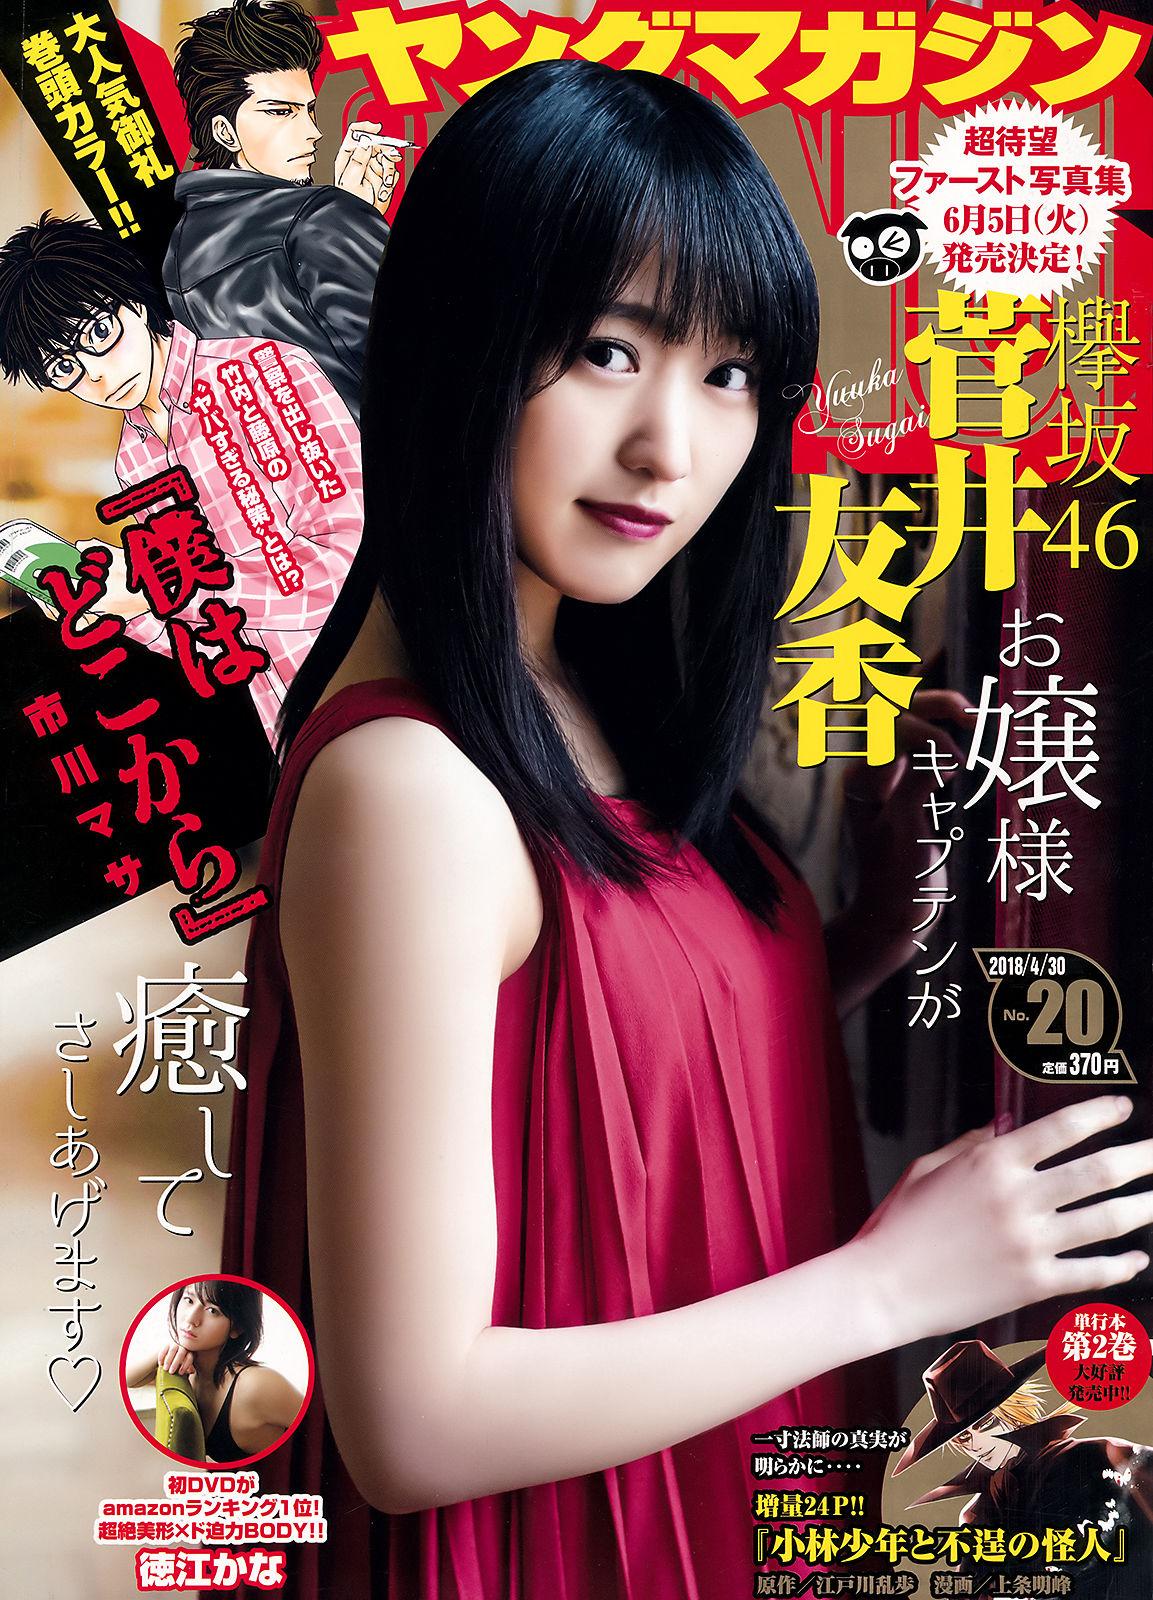 Sugai Yuuka 菅井友香, Young Magazine 2018 No.20 (週刊ヤングマガジン 2018年20号)